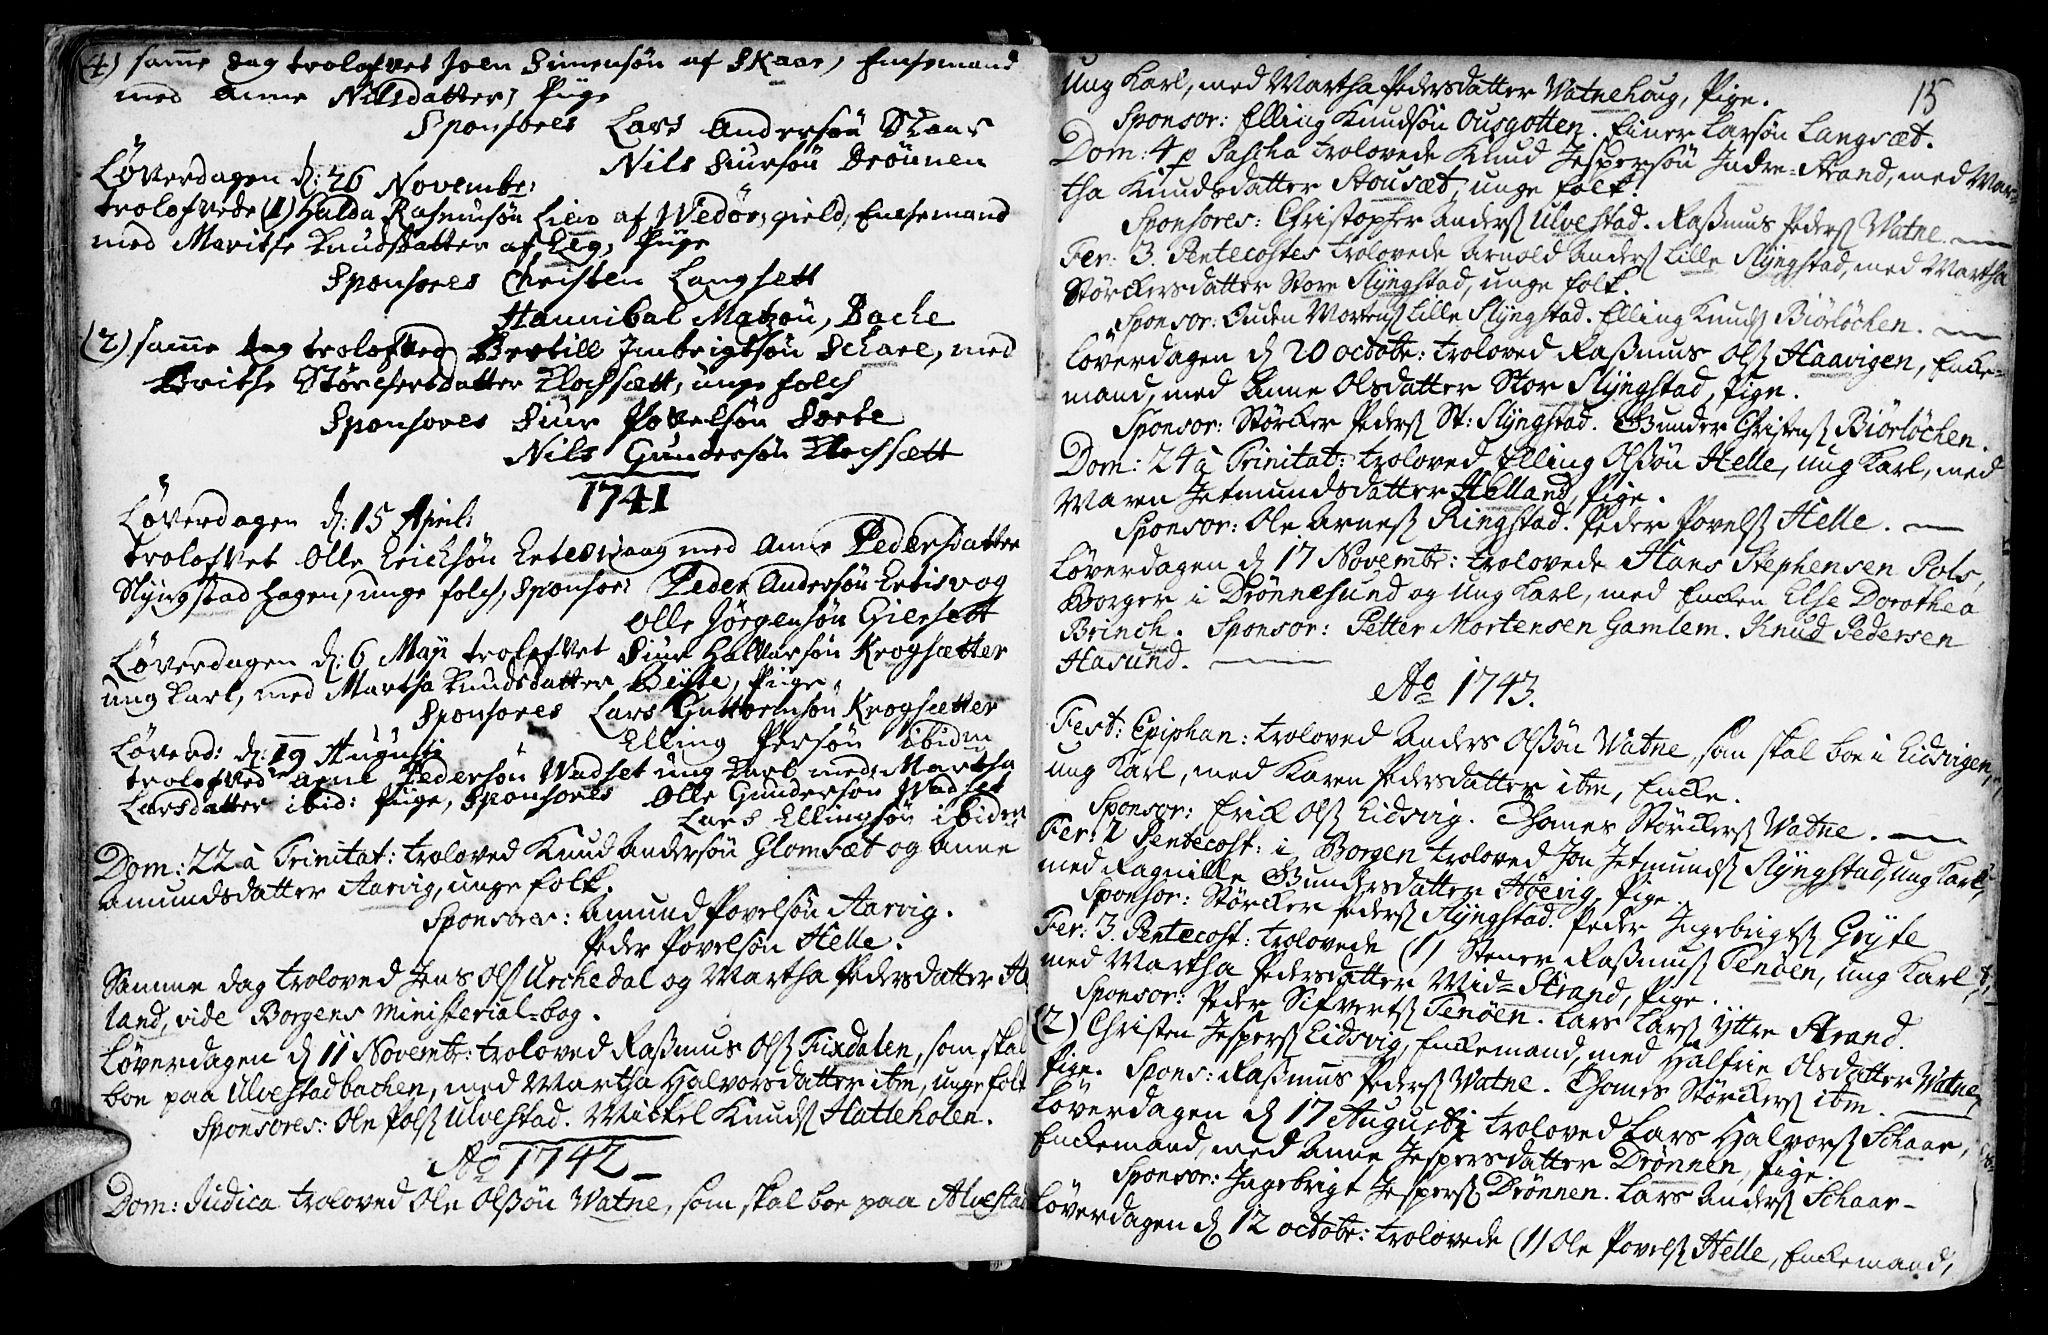 SAT, Ministerialprotokoller, klokkerbøker og fødselsregistre - Møre og Romsdal, 525/L0371: Ministerialbok nr. 525A01, 1699-1777, s. 15